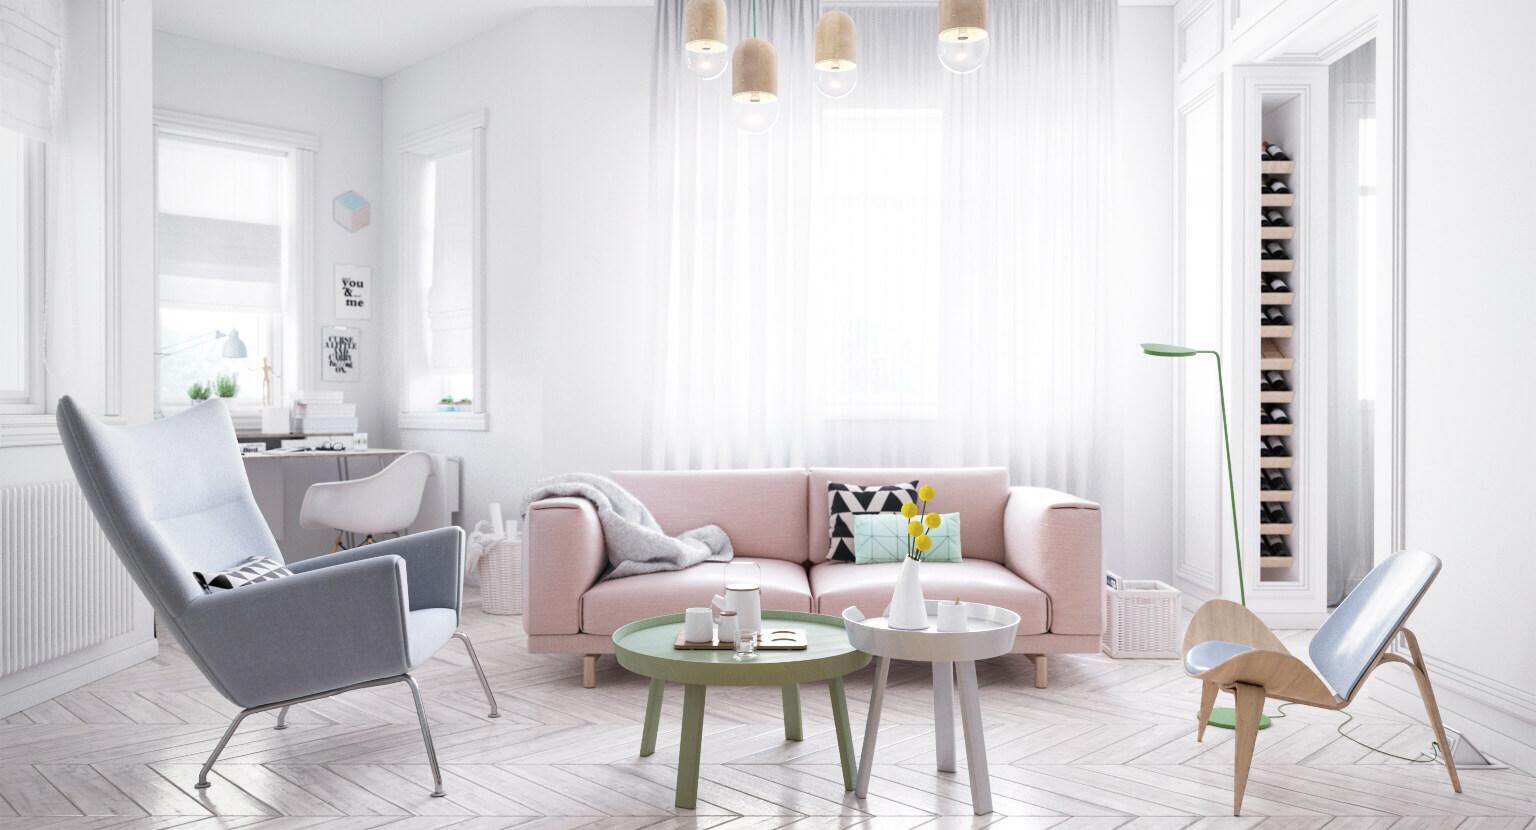 Màu Pastel là gì? Ứng dụng màu pastel trong lĩnh vực nội thất